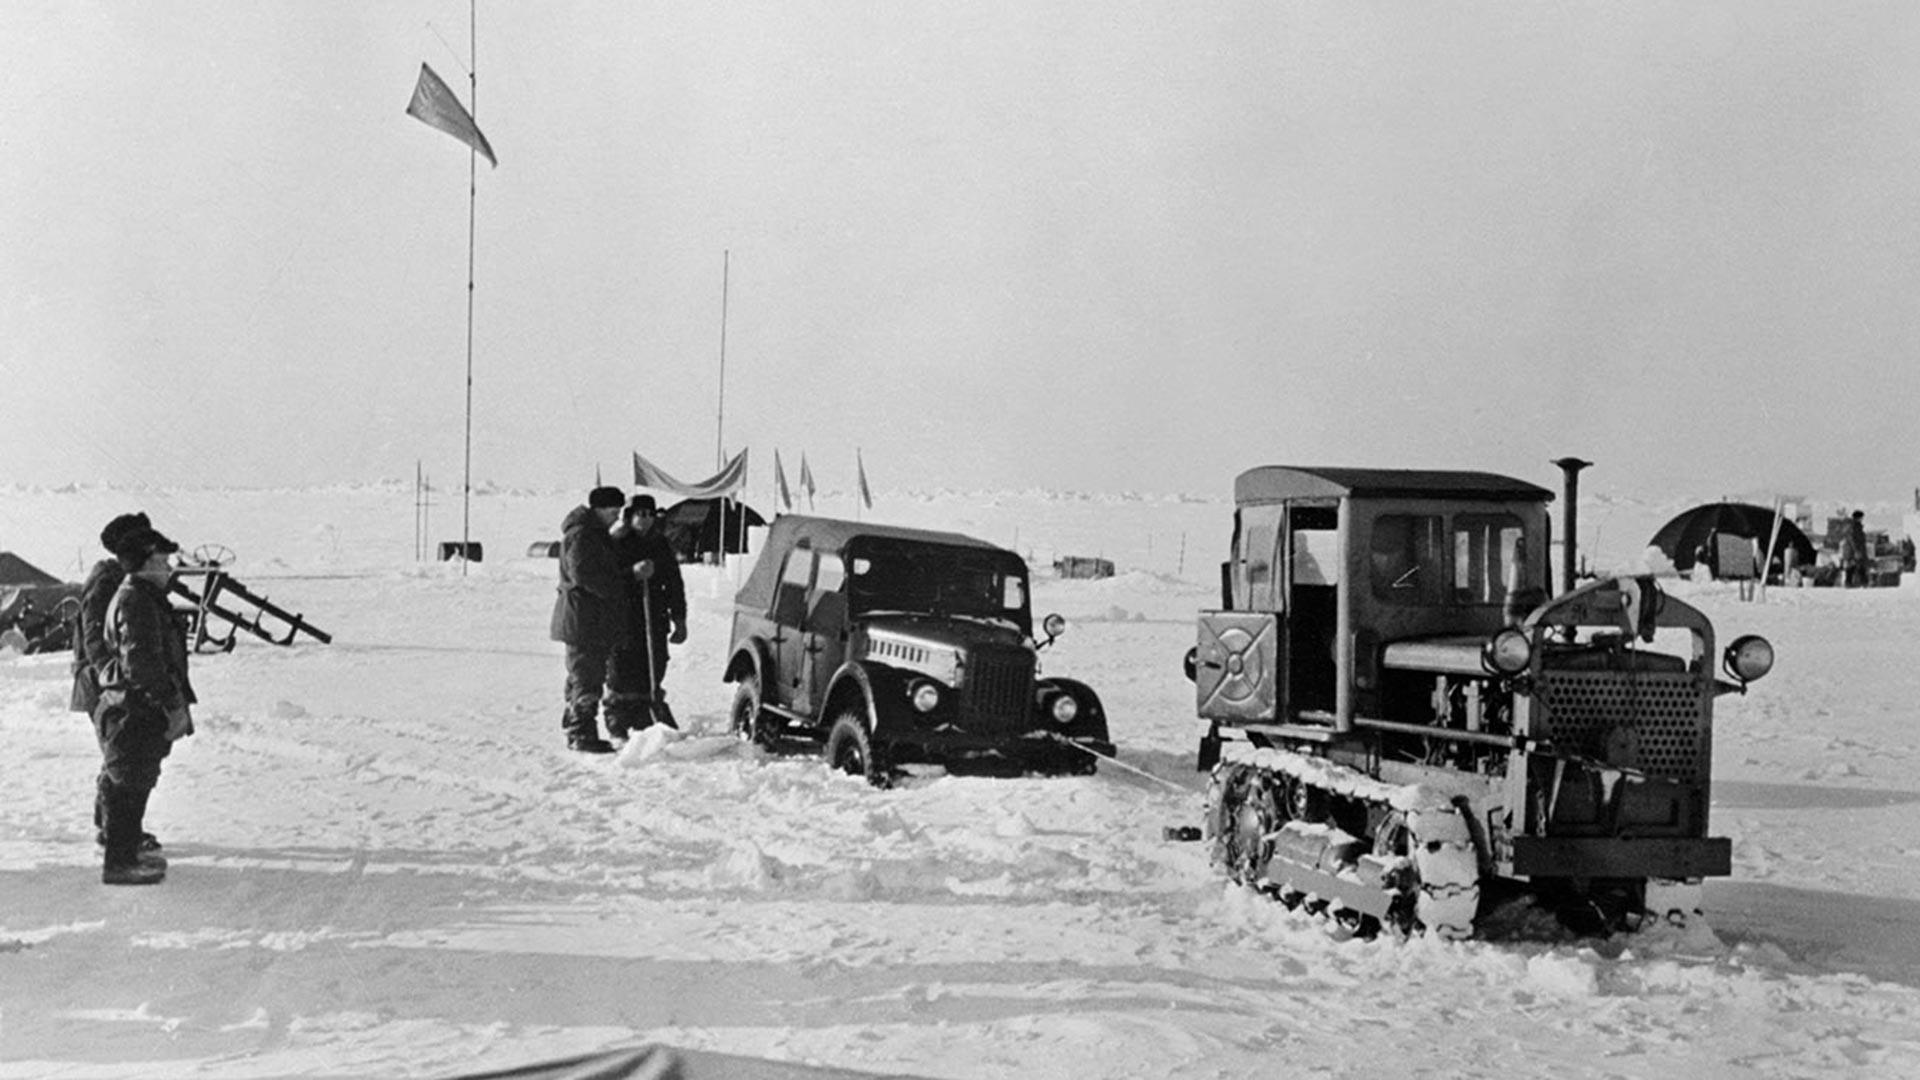 Un tractor rescata a un automóvil inutilizado en una de las estaciones de observación instaladas por los científicos de la Unión Soviética sobre un témpano de hielo en la región del Ártico.